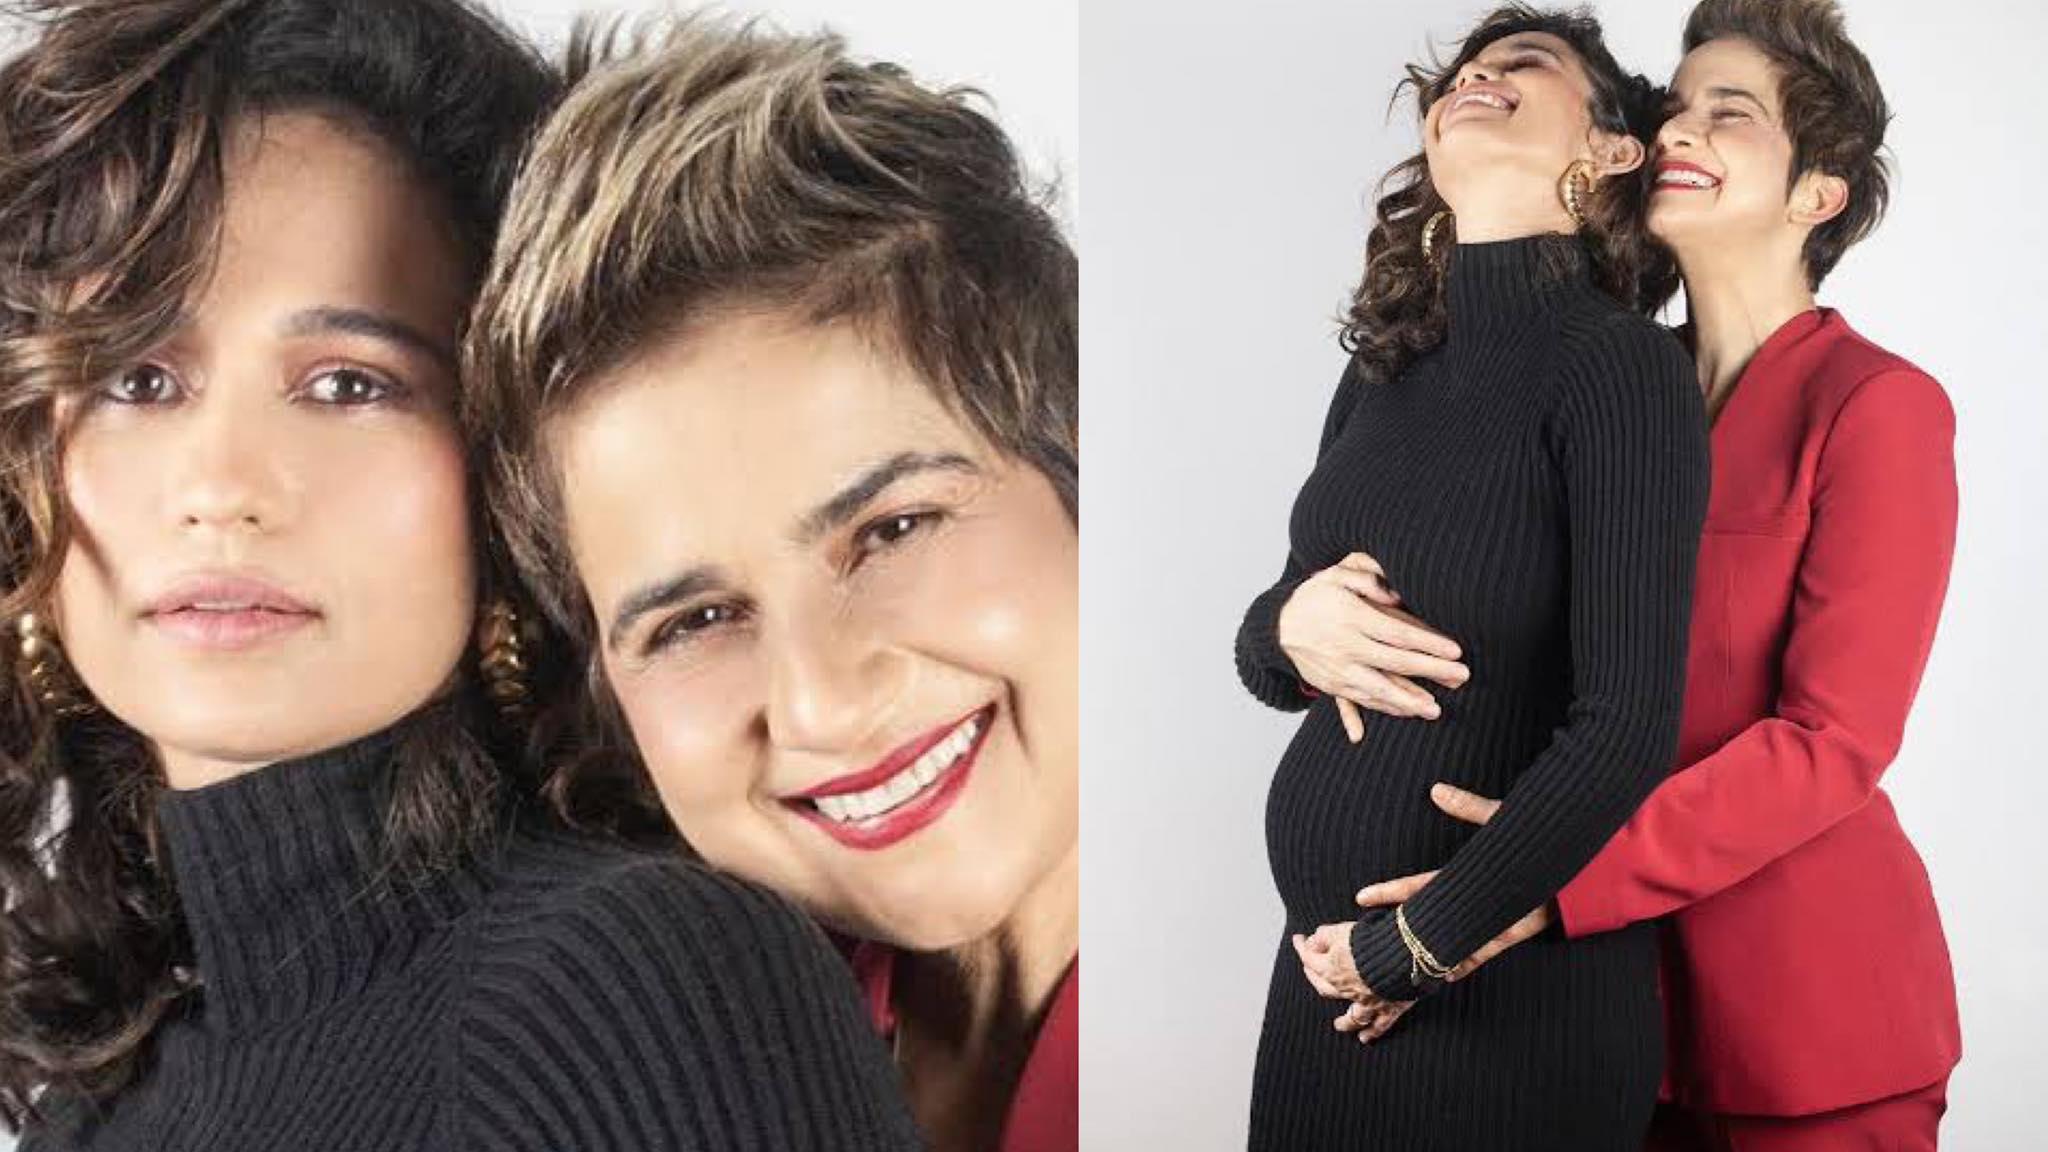 Nanda Costa e Lan Lahn estão grávida de gêmeas (montagem: Fashion Bubbles)